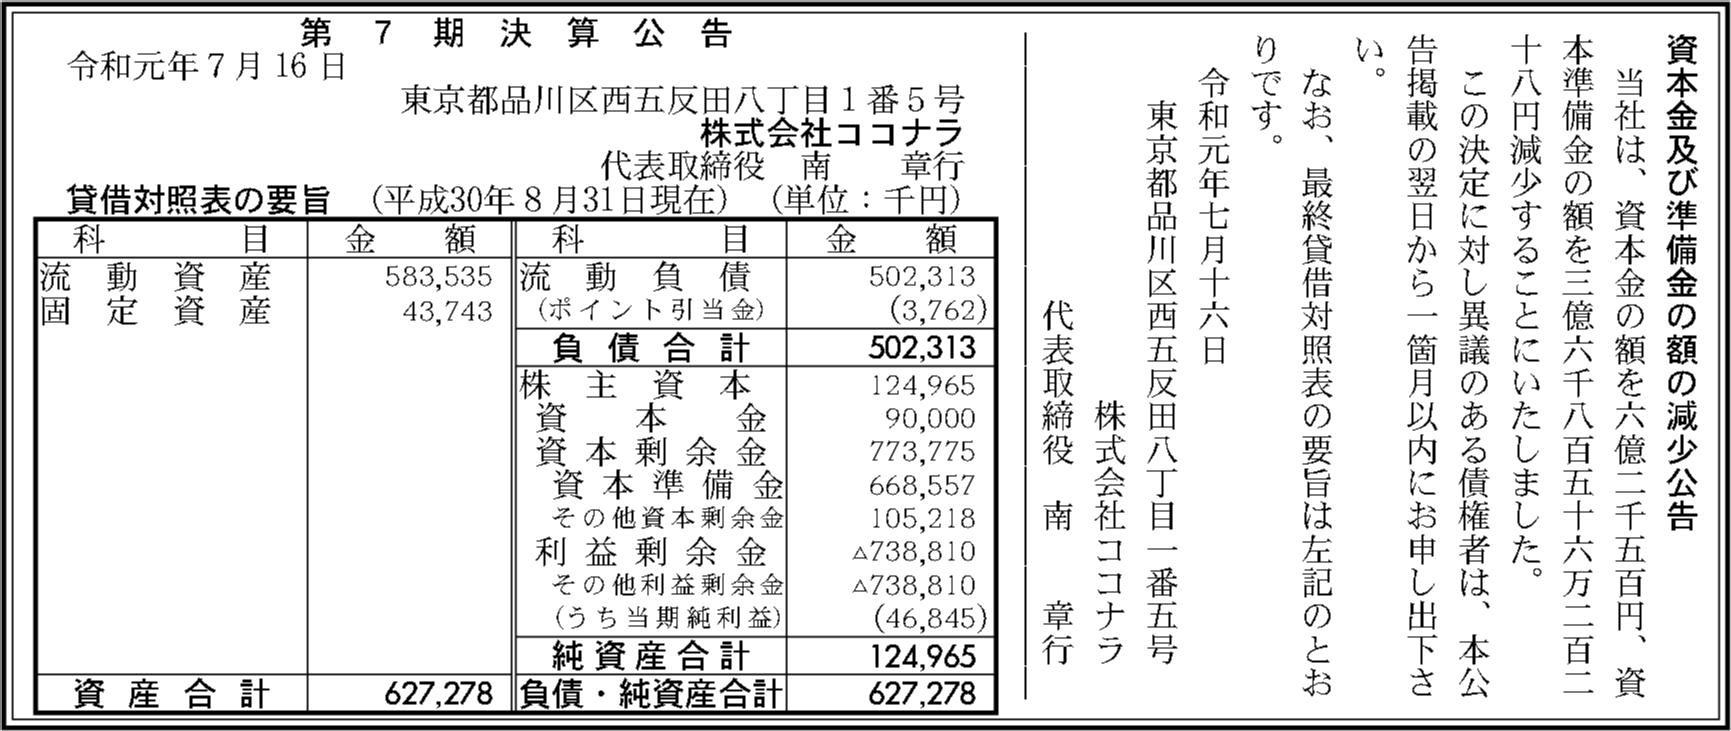 0122 d30be3fc0c1542b27f25fee31e6165870947e548b2482a8e6abc3fa26ac823018725aa9bf92d4efa43e89a5d89932de9817882b97c456b6a5a6277888661c611 06